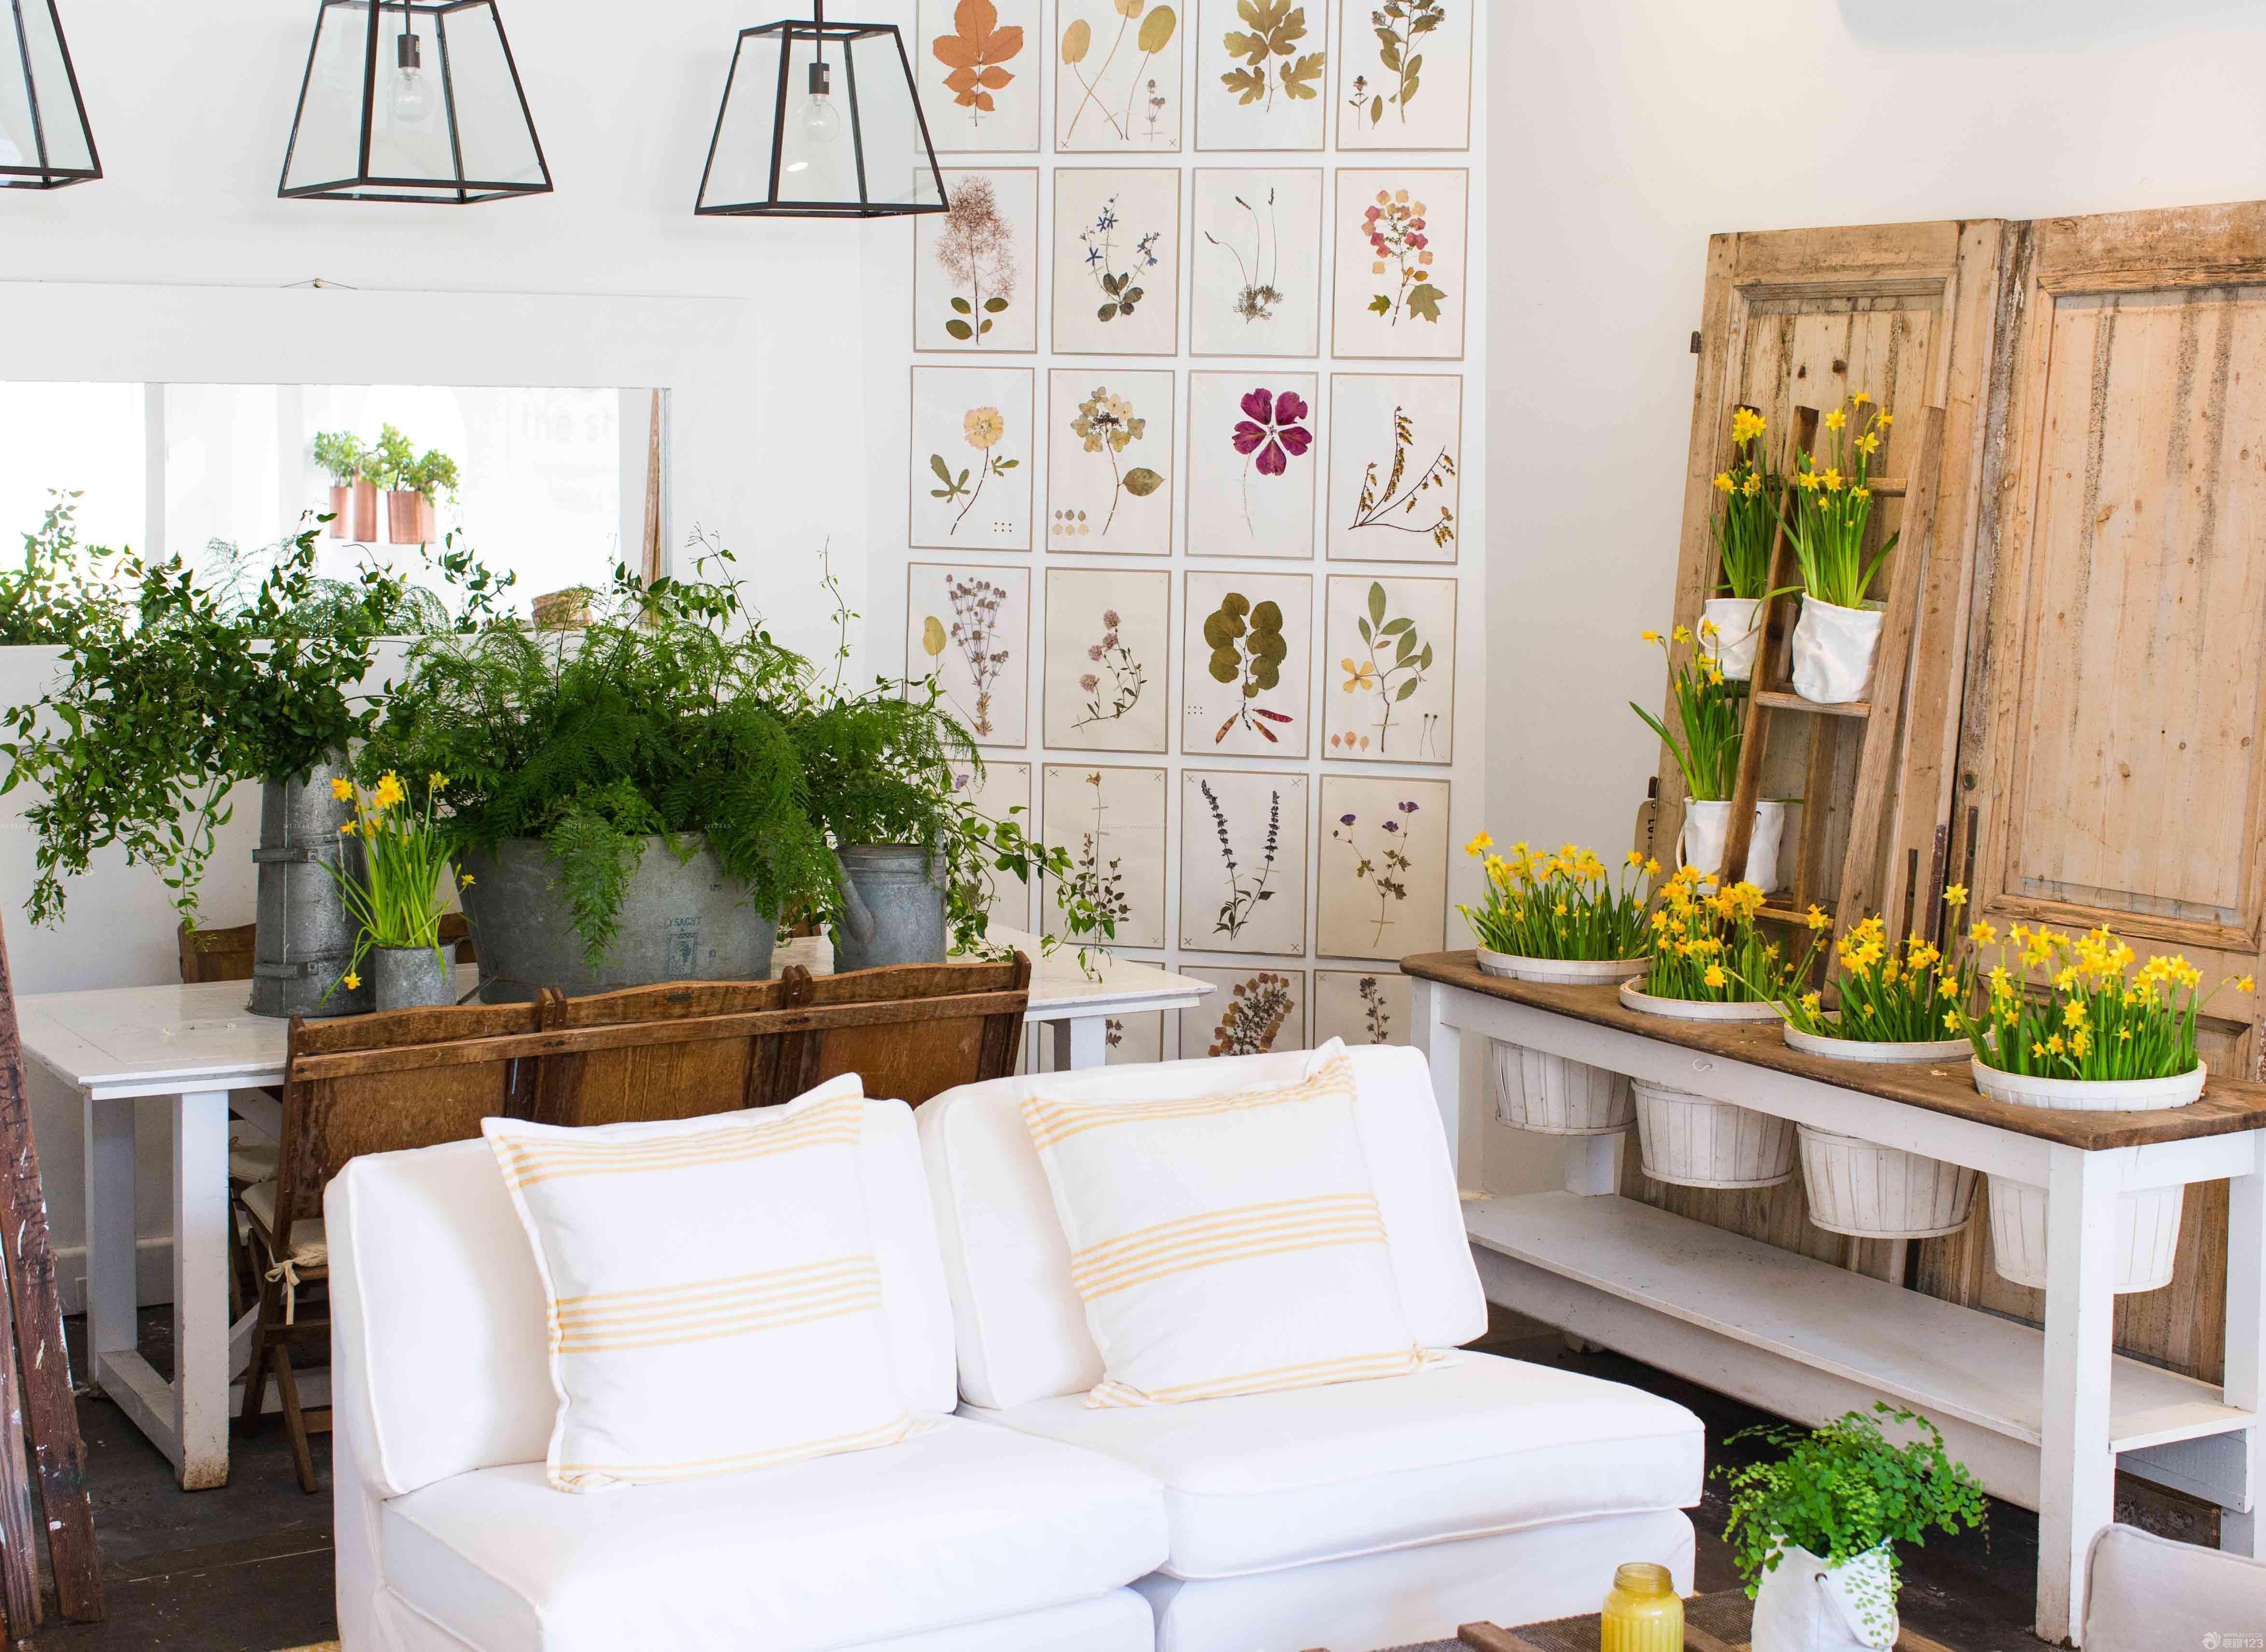 唯美韩式花店装修花卉盆景效果图片图片